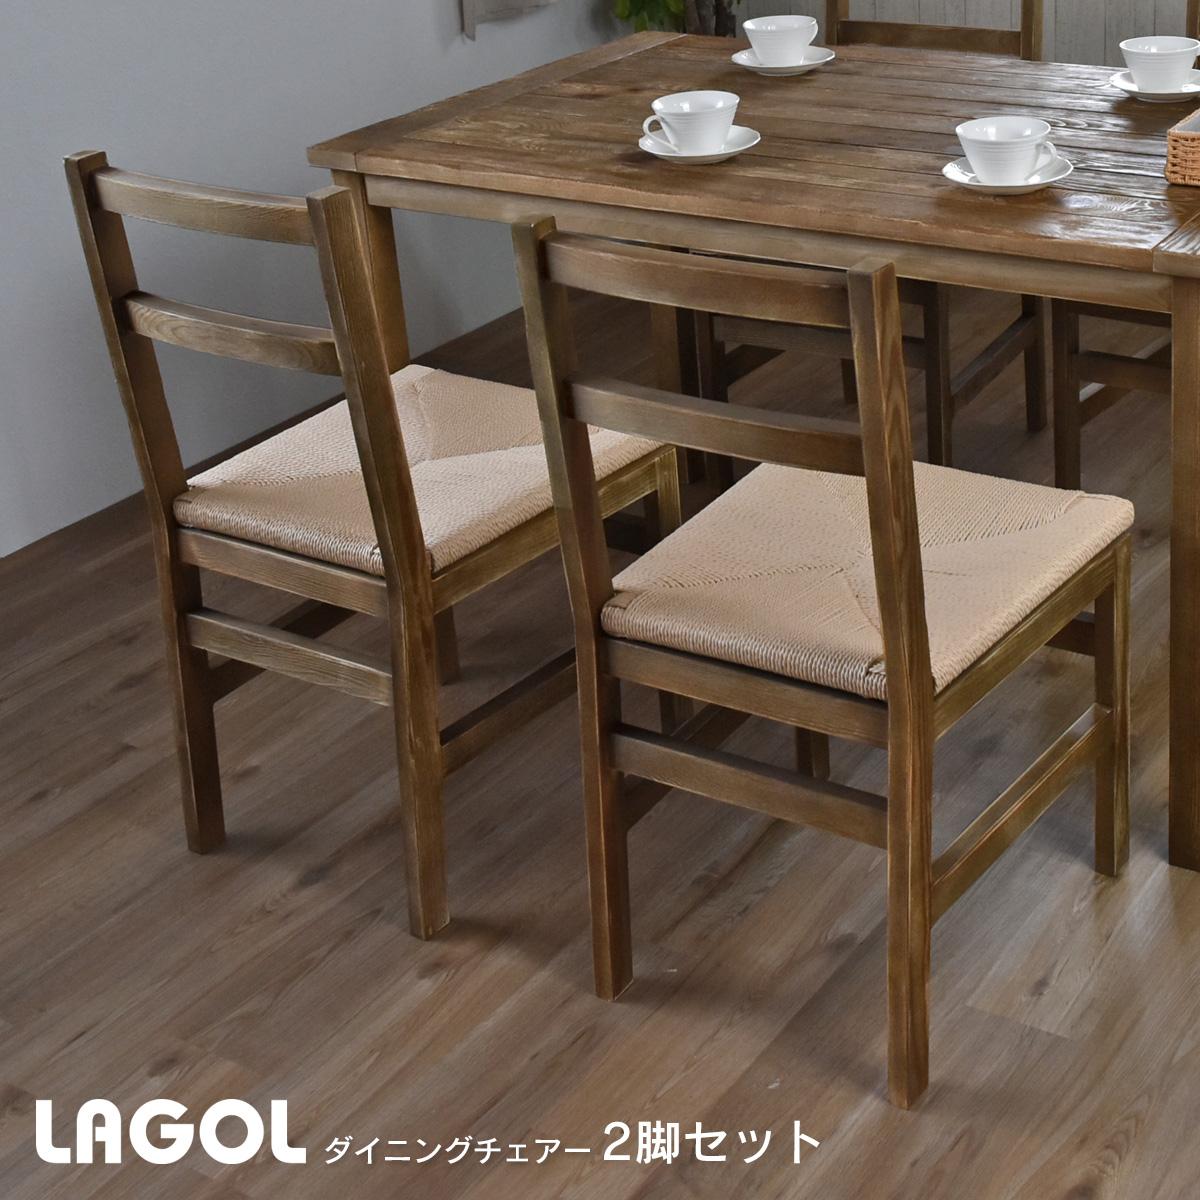 送料無料 ダイニングチェアー 2脚セット 2脚組 いす 椅子 食卓椅子 ダイニングチェア カフェ 天然木 アンティーク 古材 木製 LAGOL おしゃれ デザイン 北欧 レトロ モダン